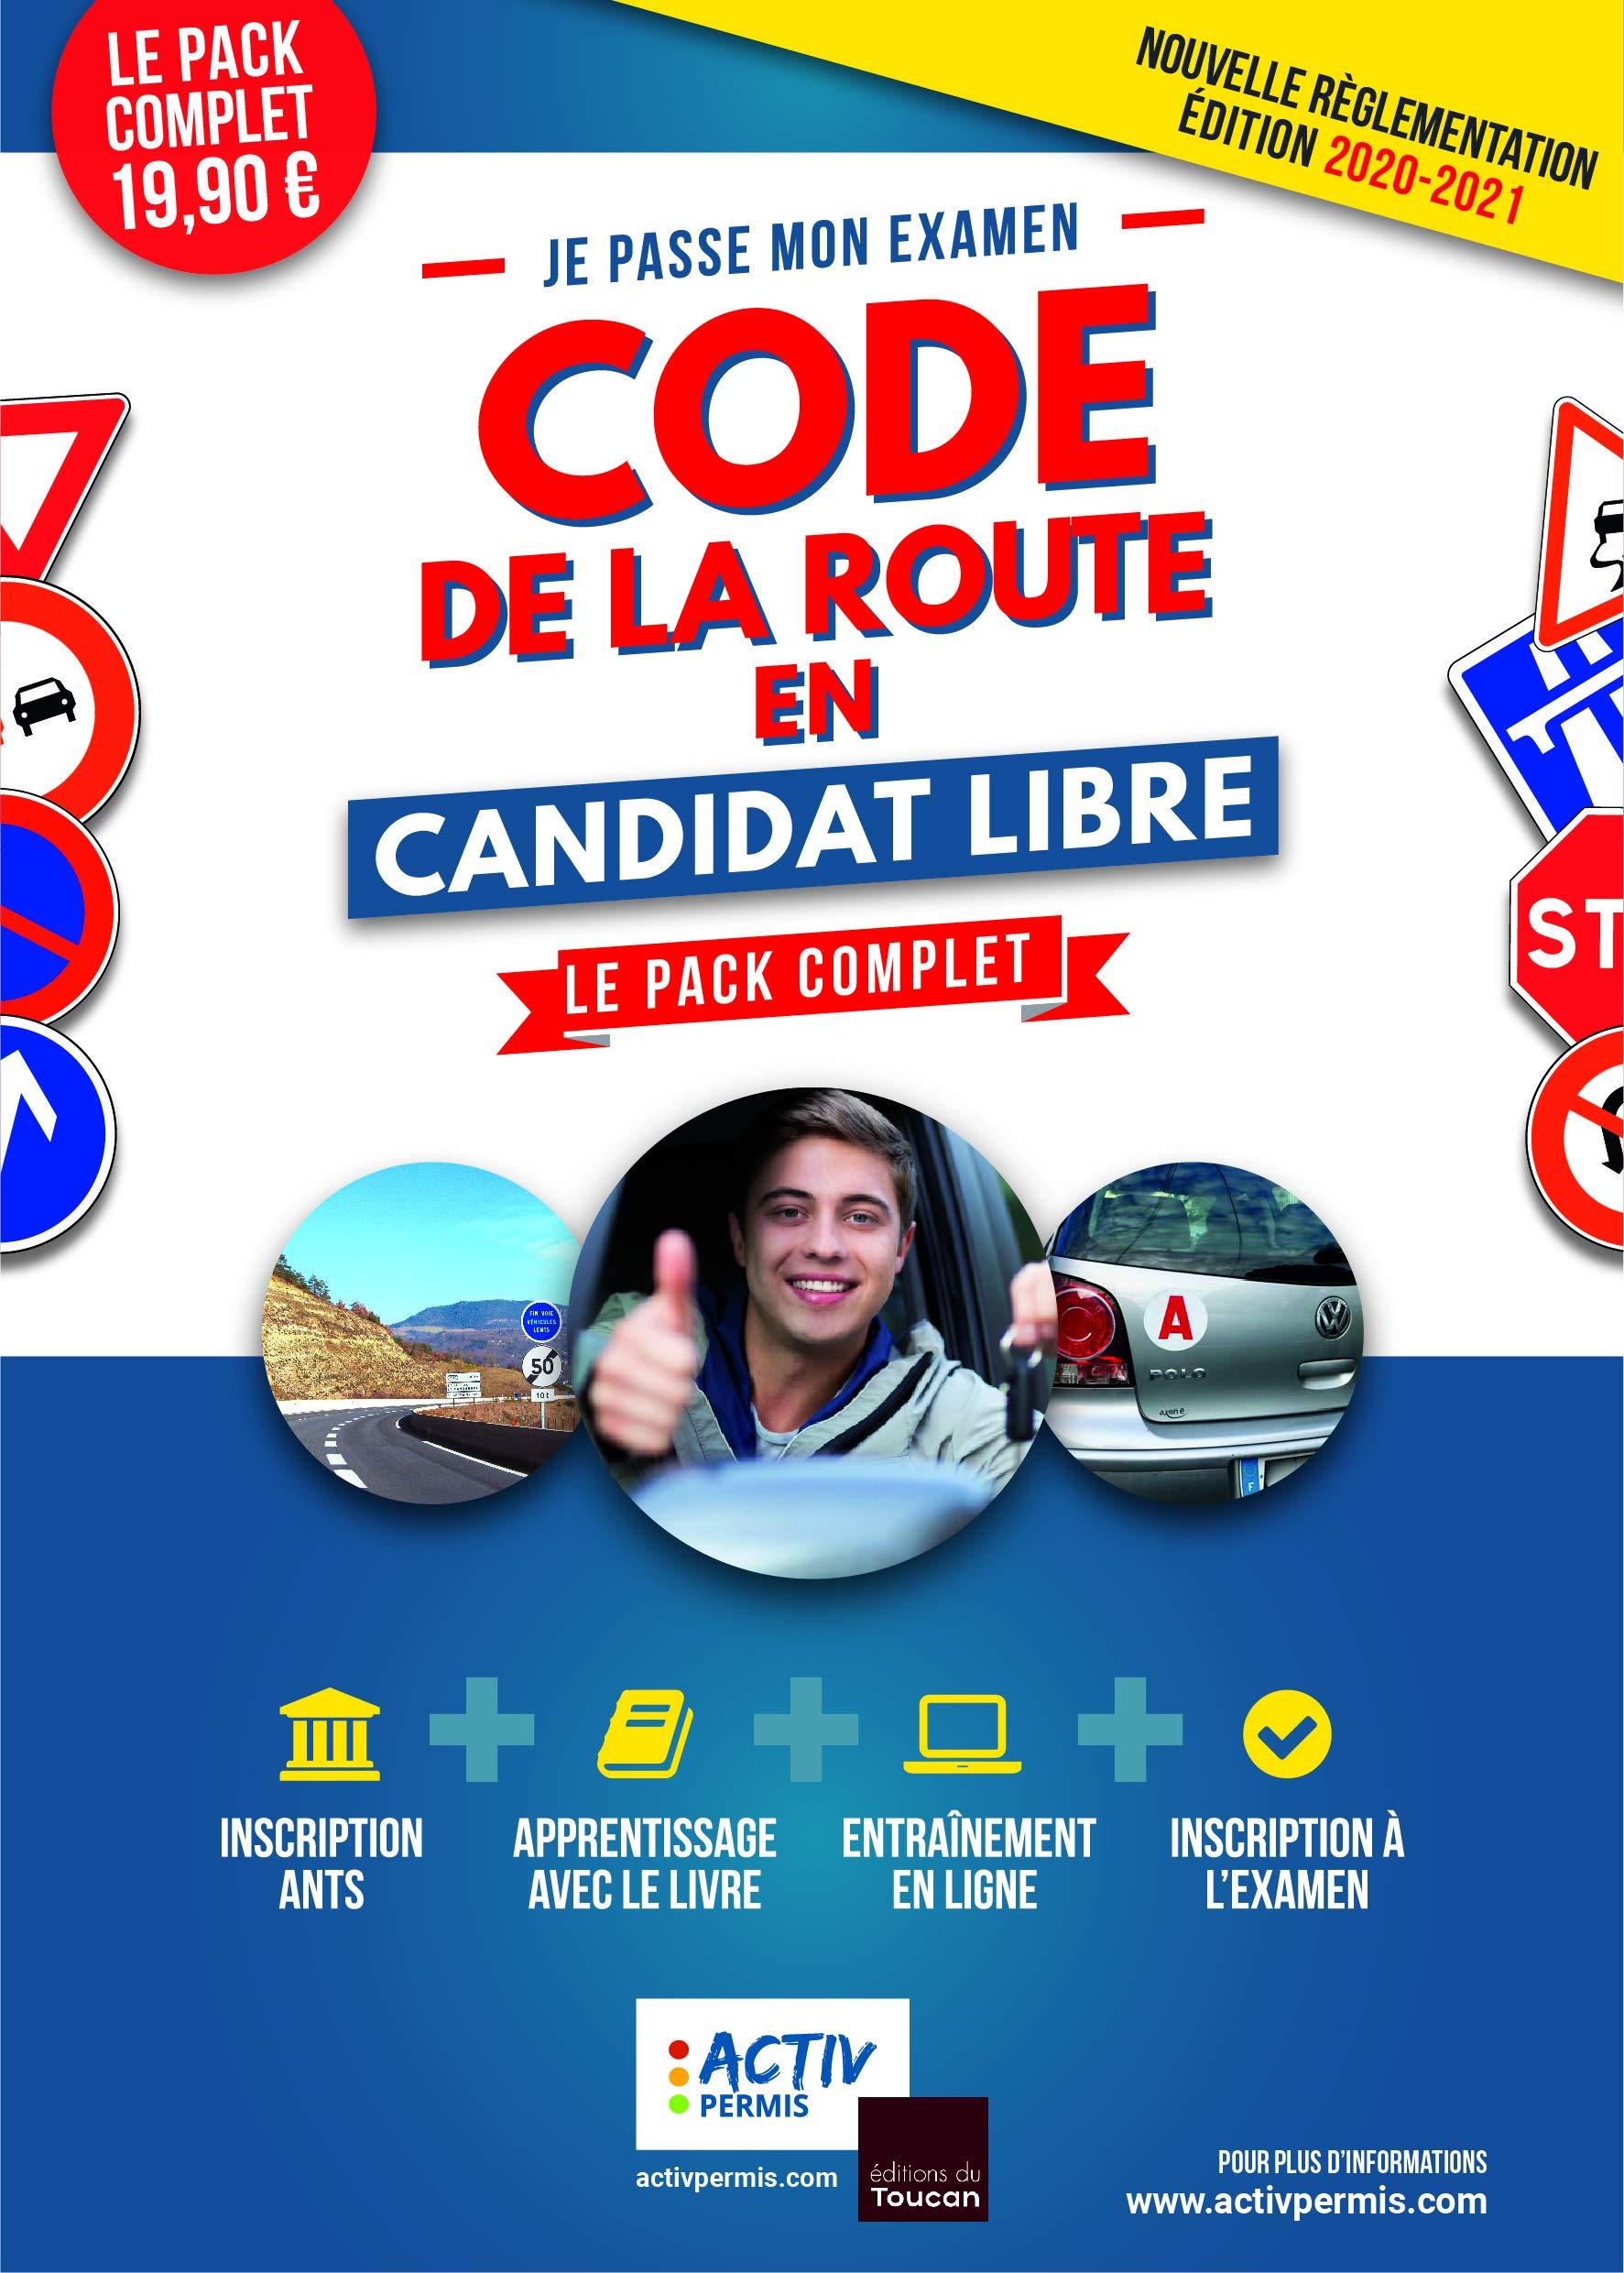 Code de la route 2020 en candidat libre - le pack complet : apprentissage, entrainement, inscription